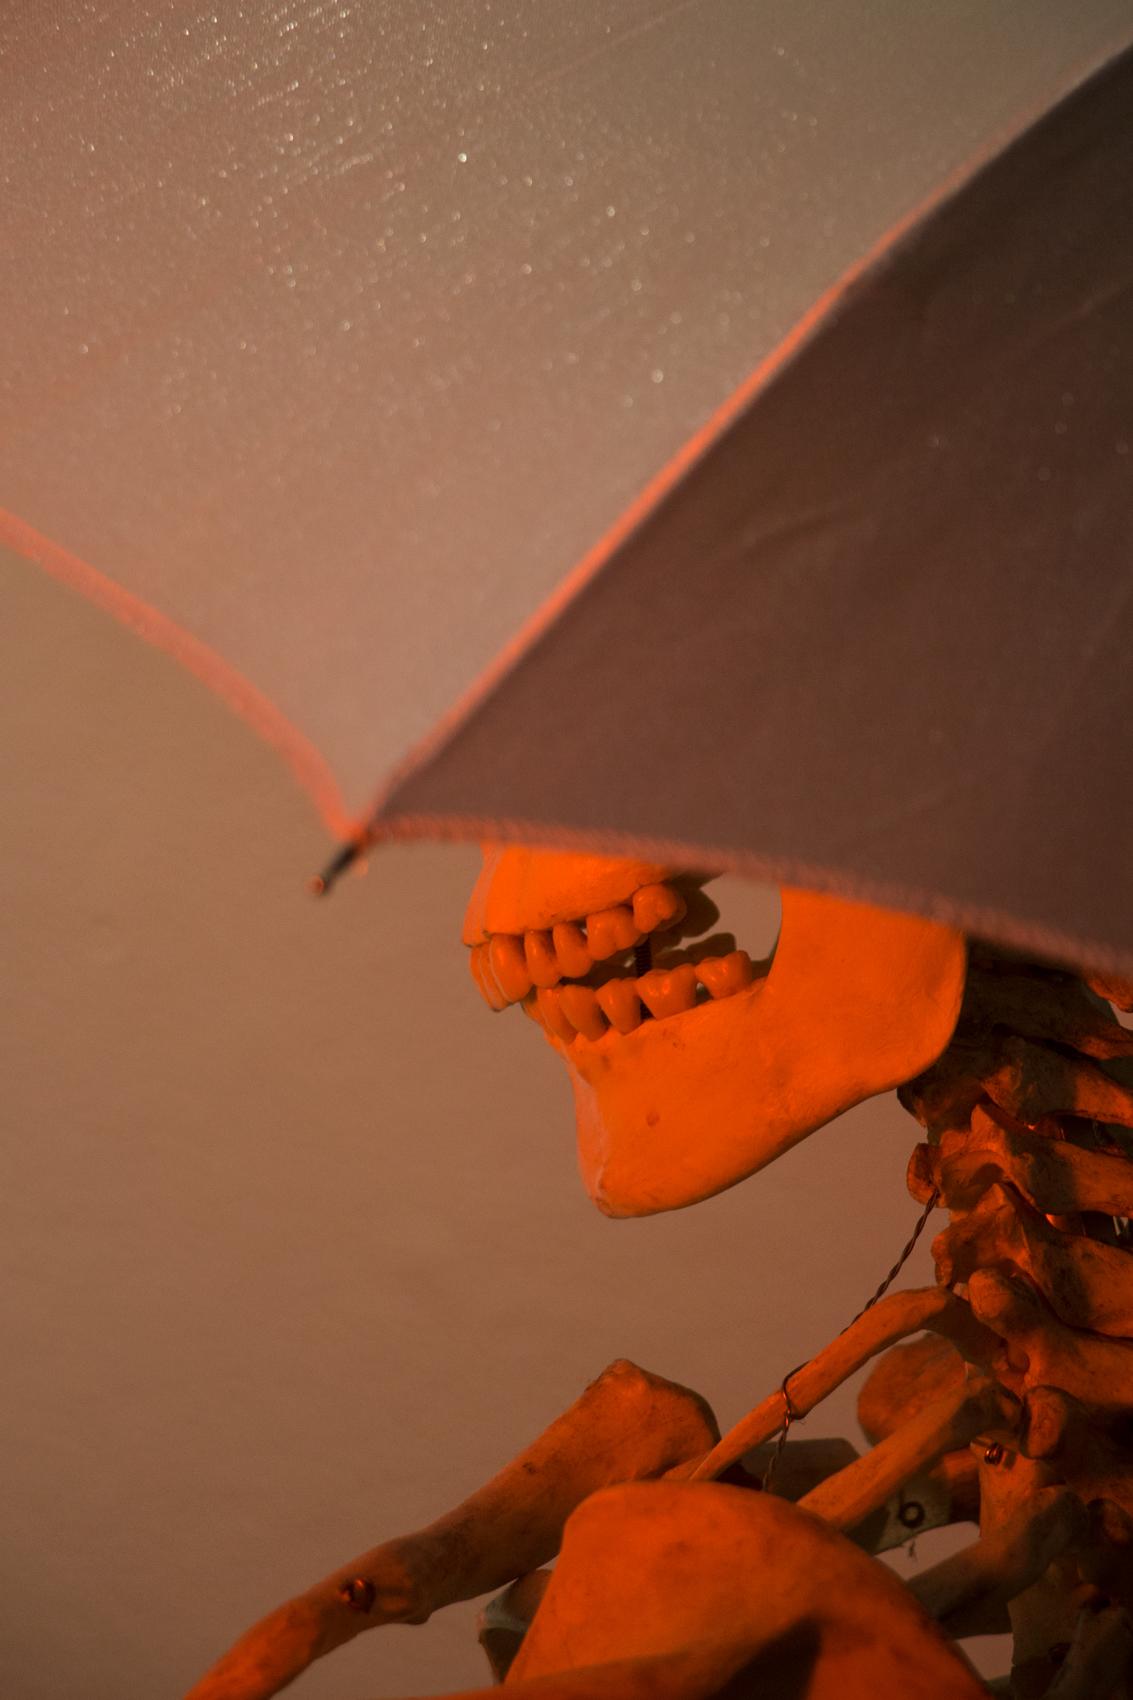 skull_umbrella_web.jpg